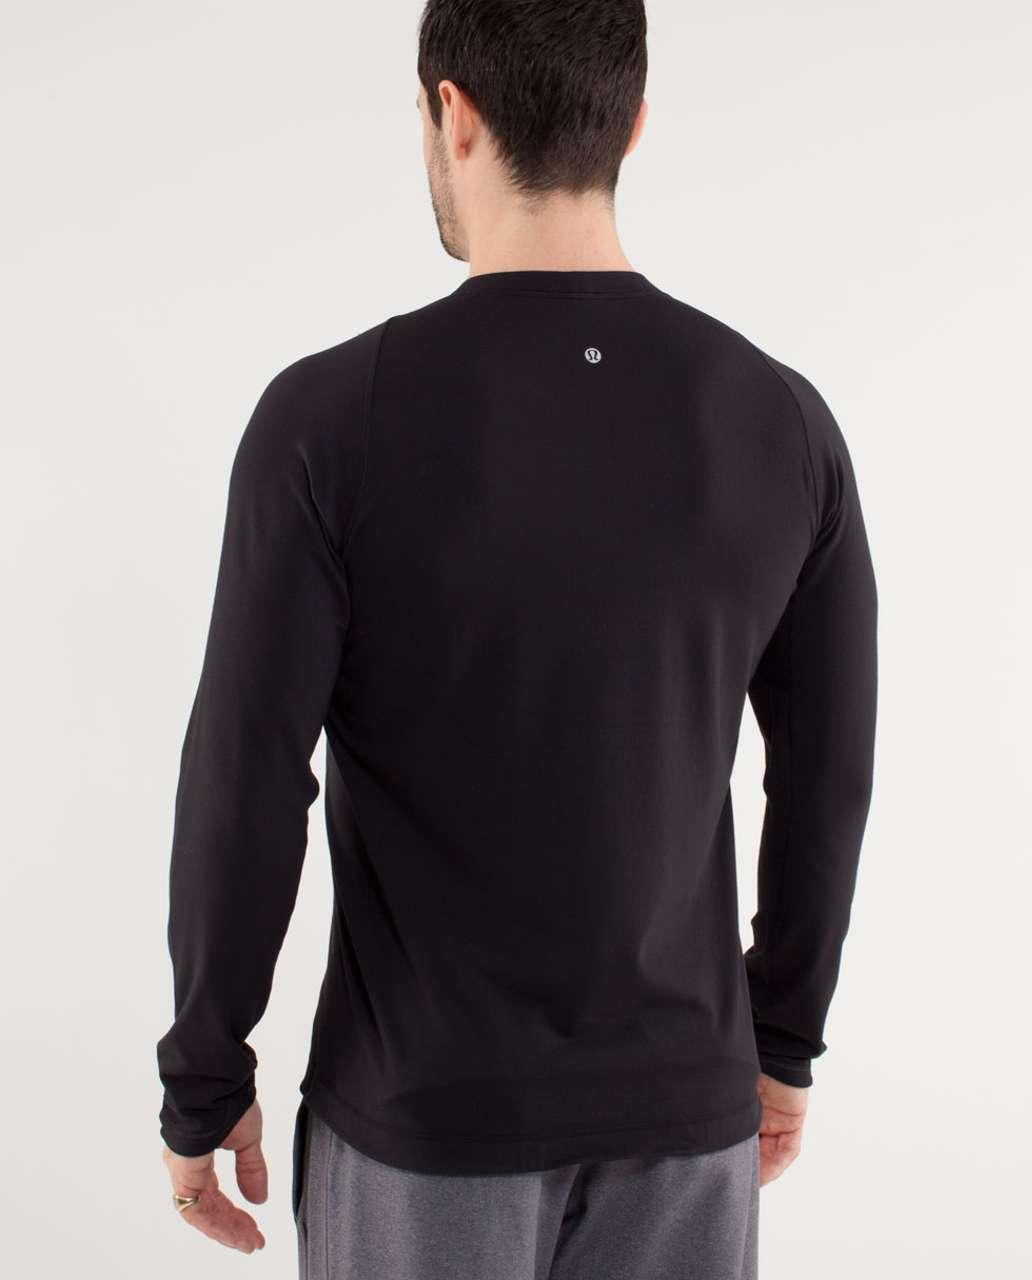 Lululemon Surge Long Sleeve - Black